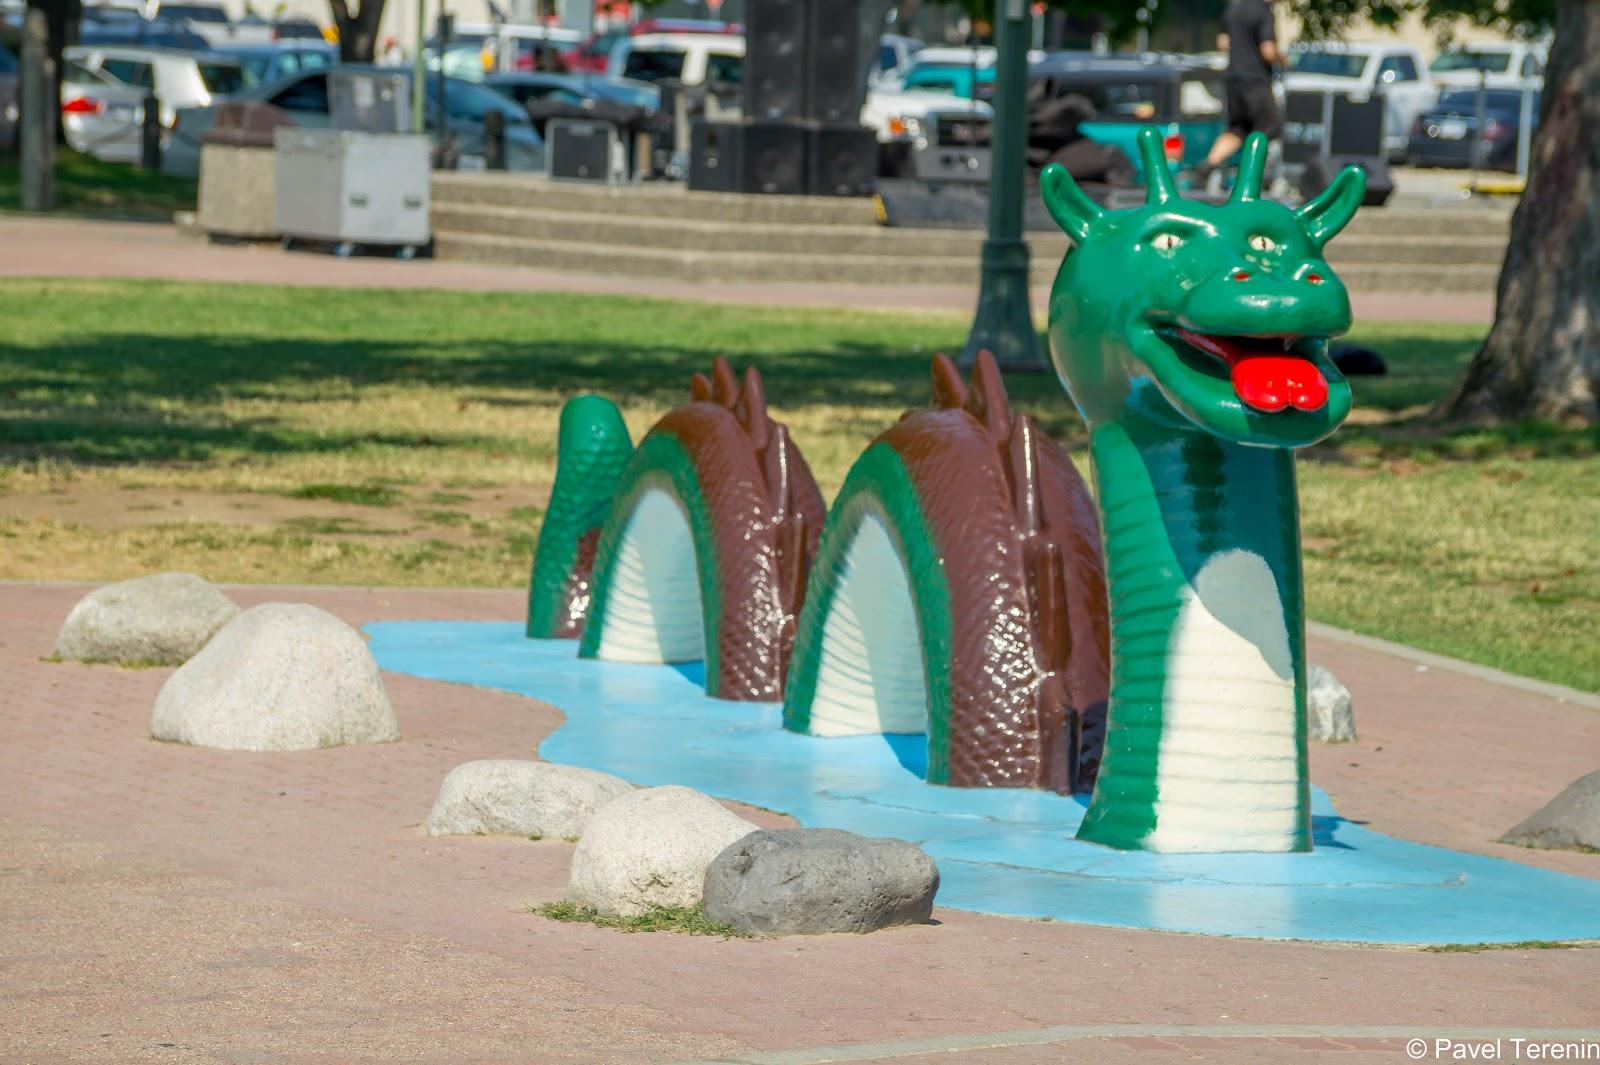 Здесь установлена еще одна скульптура, которая изображает местную версию Лохнесского чудовища - Огопого.